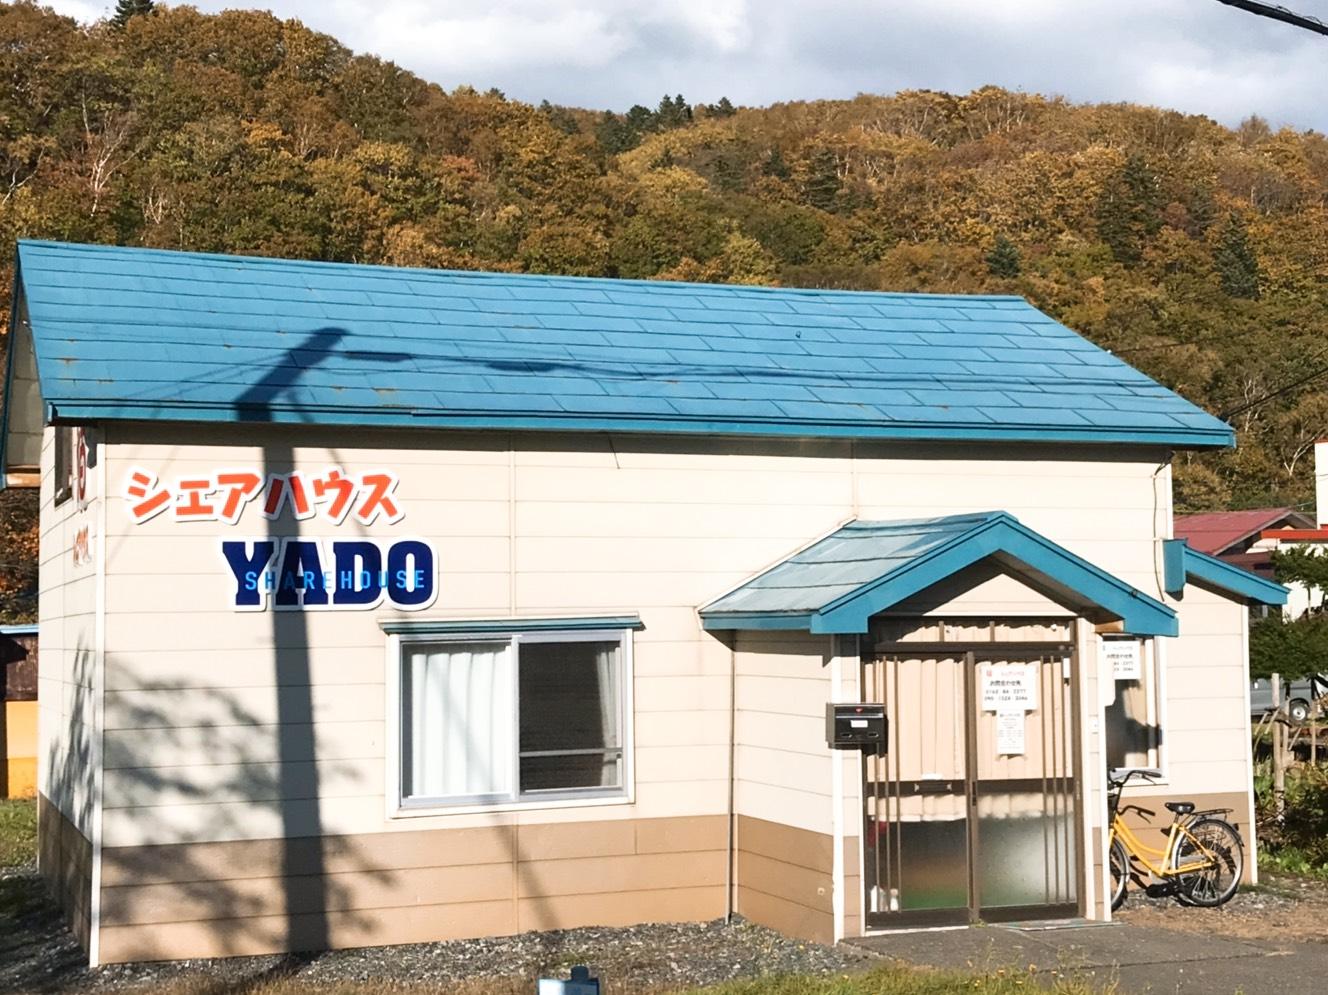 温泉街に新たなシェアハウス「宿~YADO~」がOPEN!!